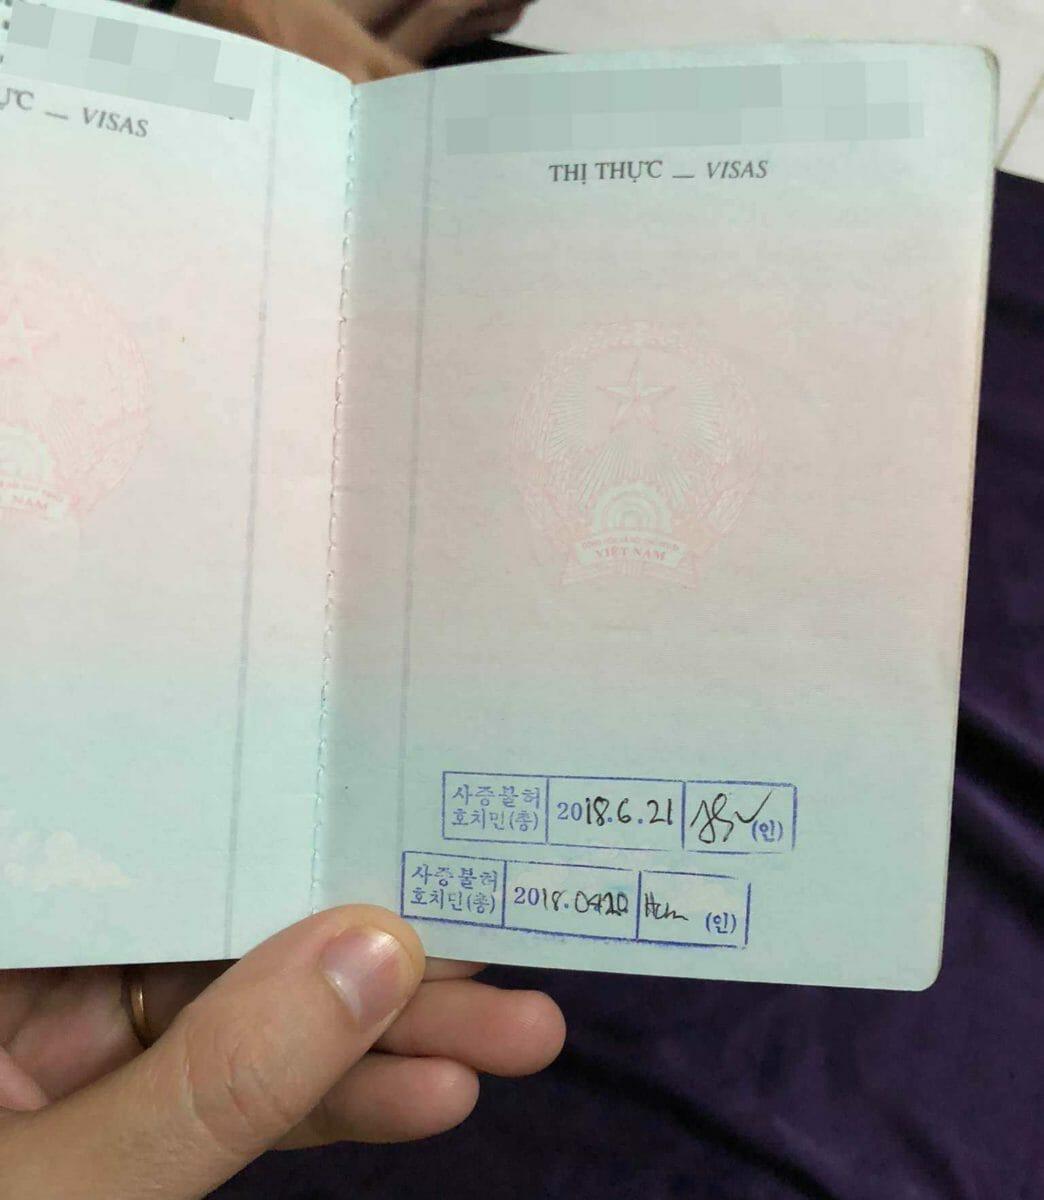 Trong hình là hộ chiếu bị LSQ Hàn Quốc từ chối cấp visa đến 02 lần. Cả 2 lần đều xin qua dịch vụ và thời gian chờ xin lại giữa 2 lần chưa đủ 03 tháng (chính xác là mới được 2 tháng 11 ngày)